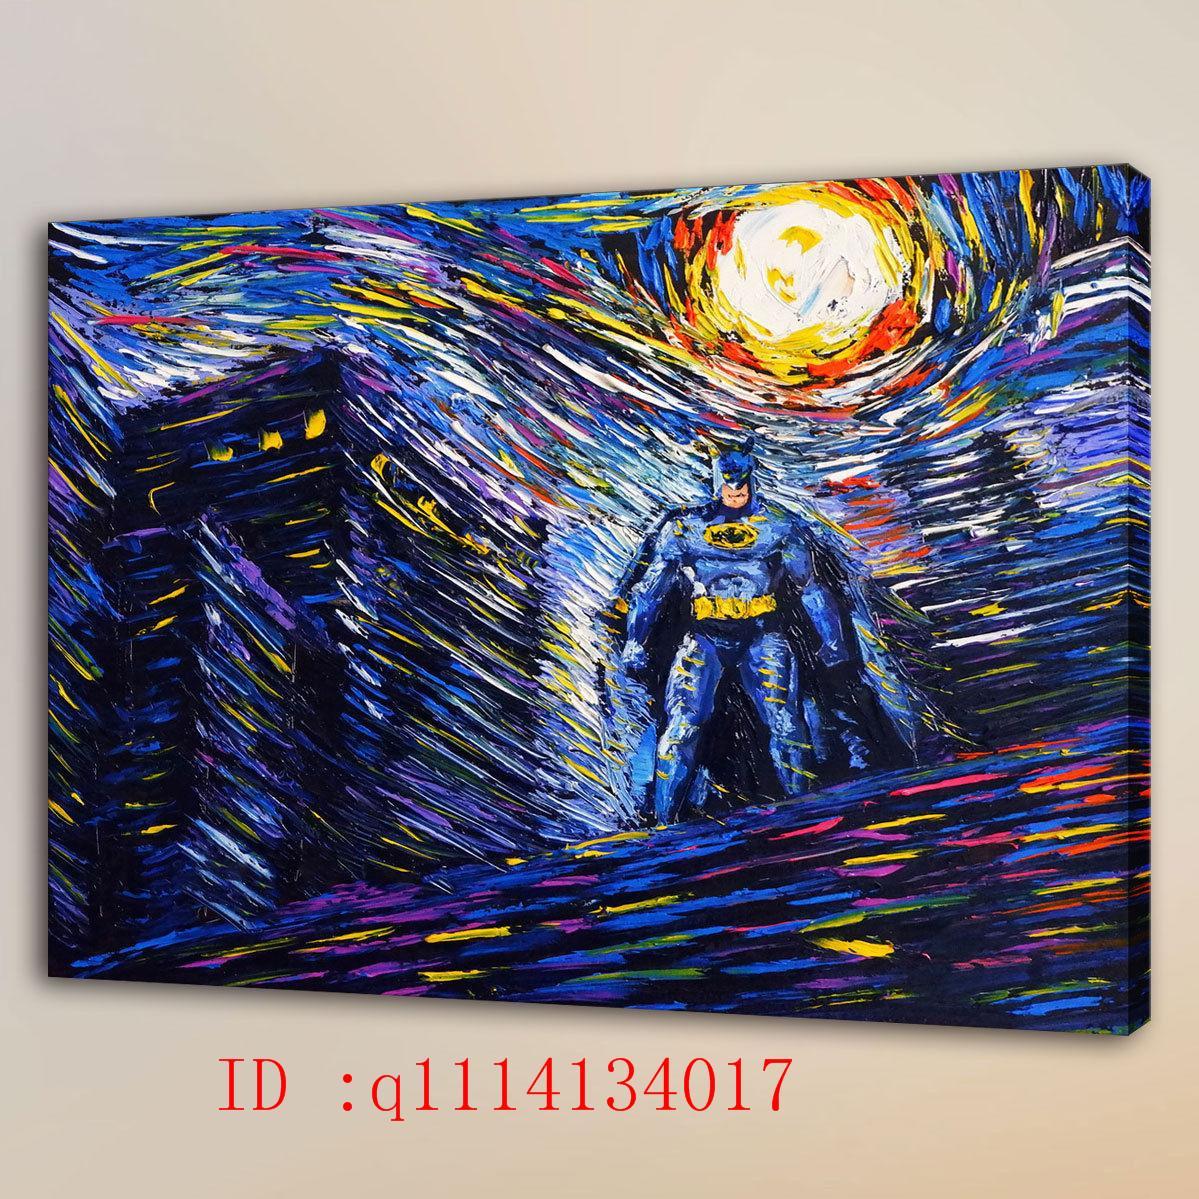 Großhandel Van Gogh Superhero Hd Leinwand Wandkunst Ölgemälde Home ...